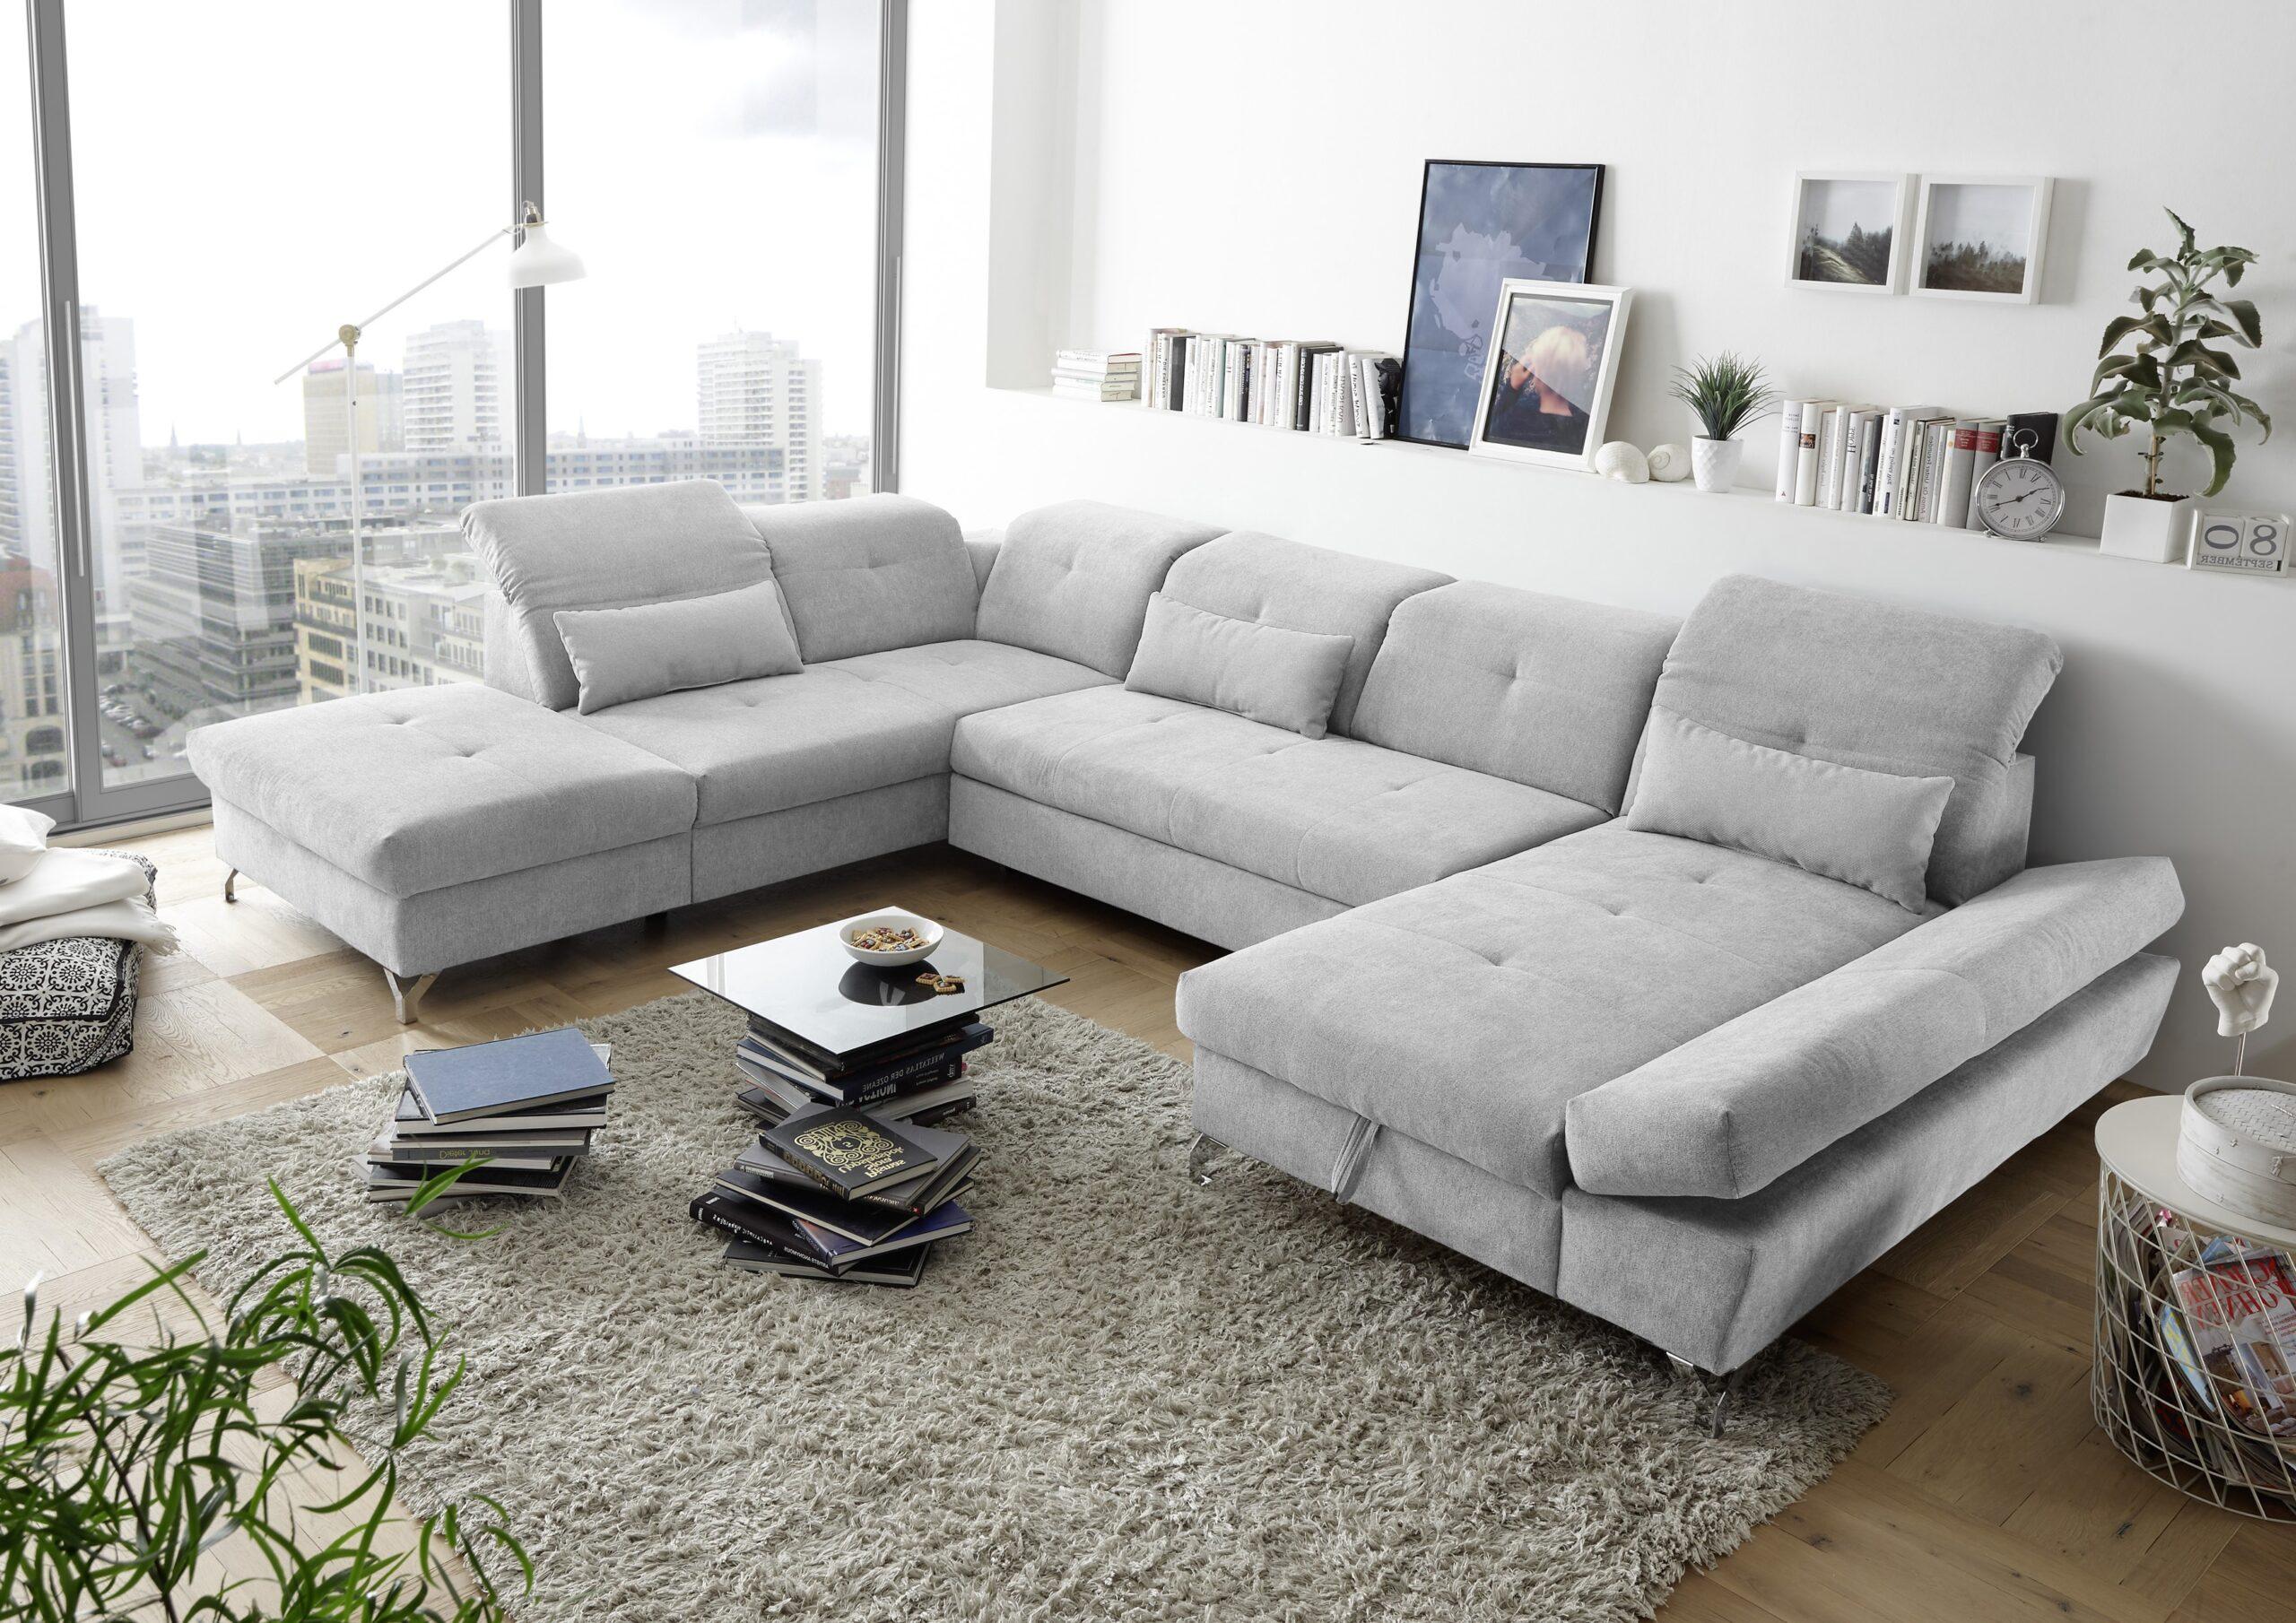 Full Size of Couch Melfi L Sofa Schlafcouch Wohnlandschaft Bettsofa Xxl Grau Mit Schlaffunktion Bezug Canape Aus Matratzen 3 Teilig Polster 3er Dauerschläfer Günstige 2 5 Sofa Sofa Wohnlandschaft